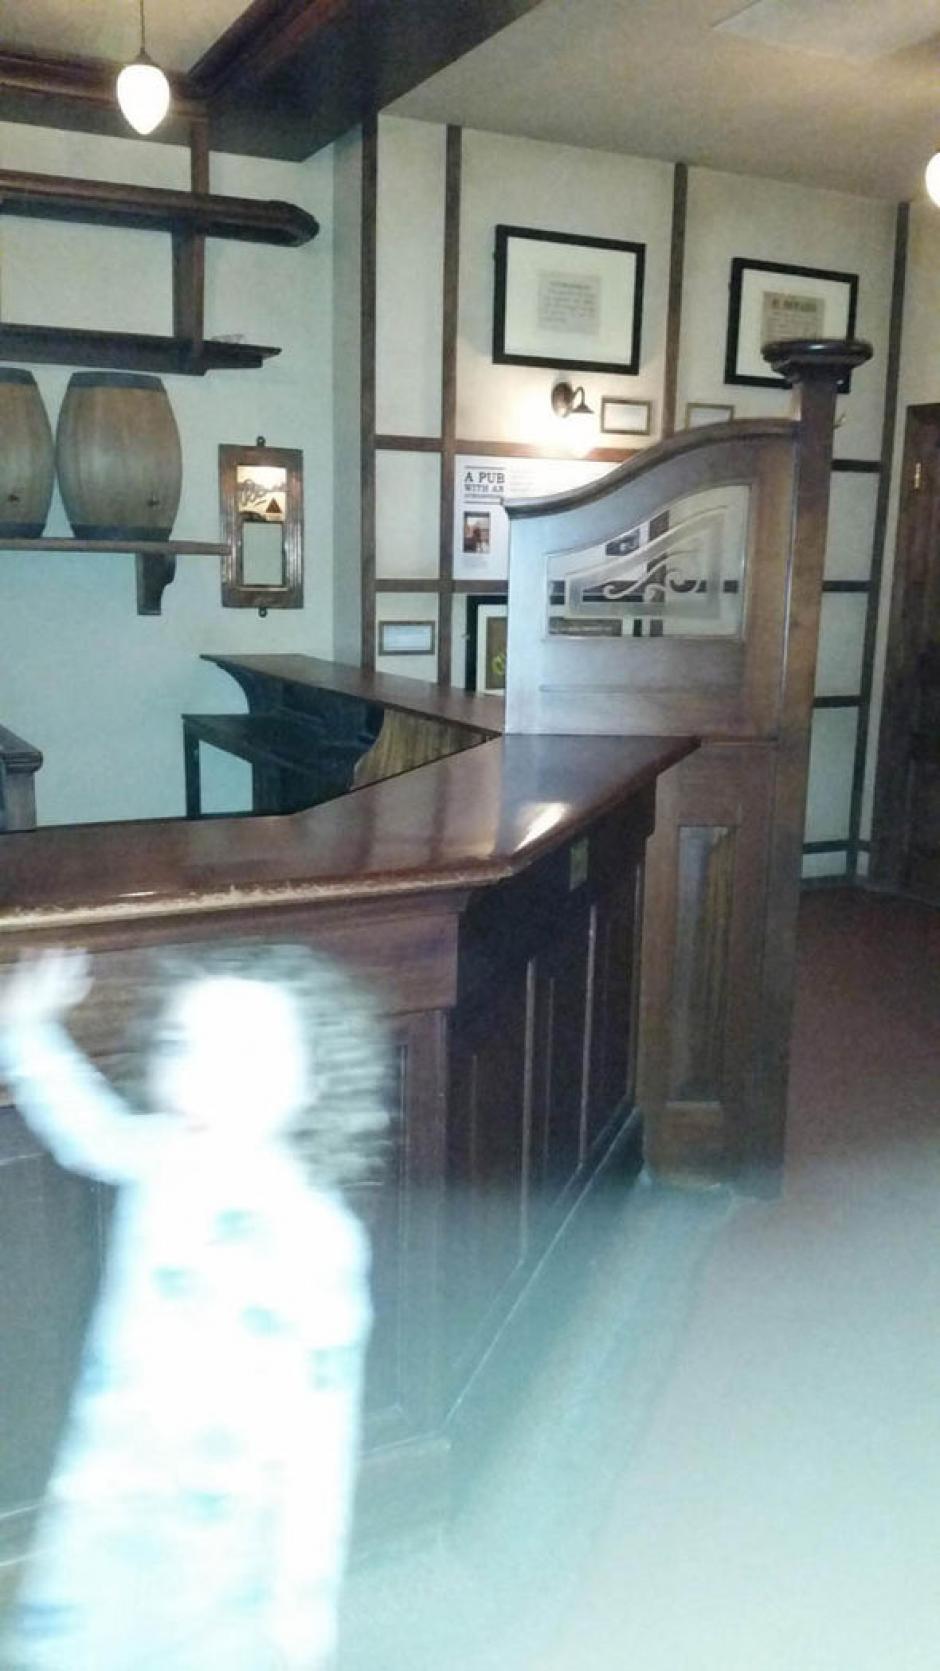 En una de las imágenes se puede ver la clara silueta de una niña que saluda. (Foto: express)